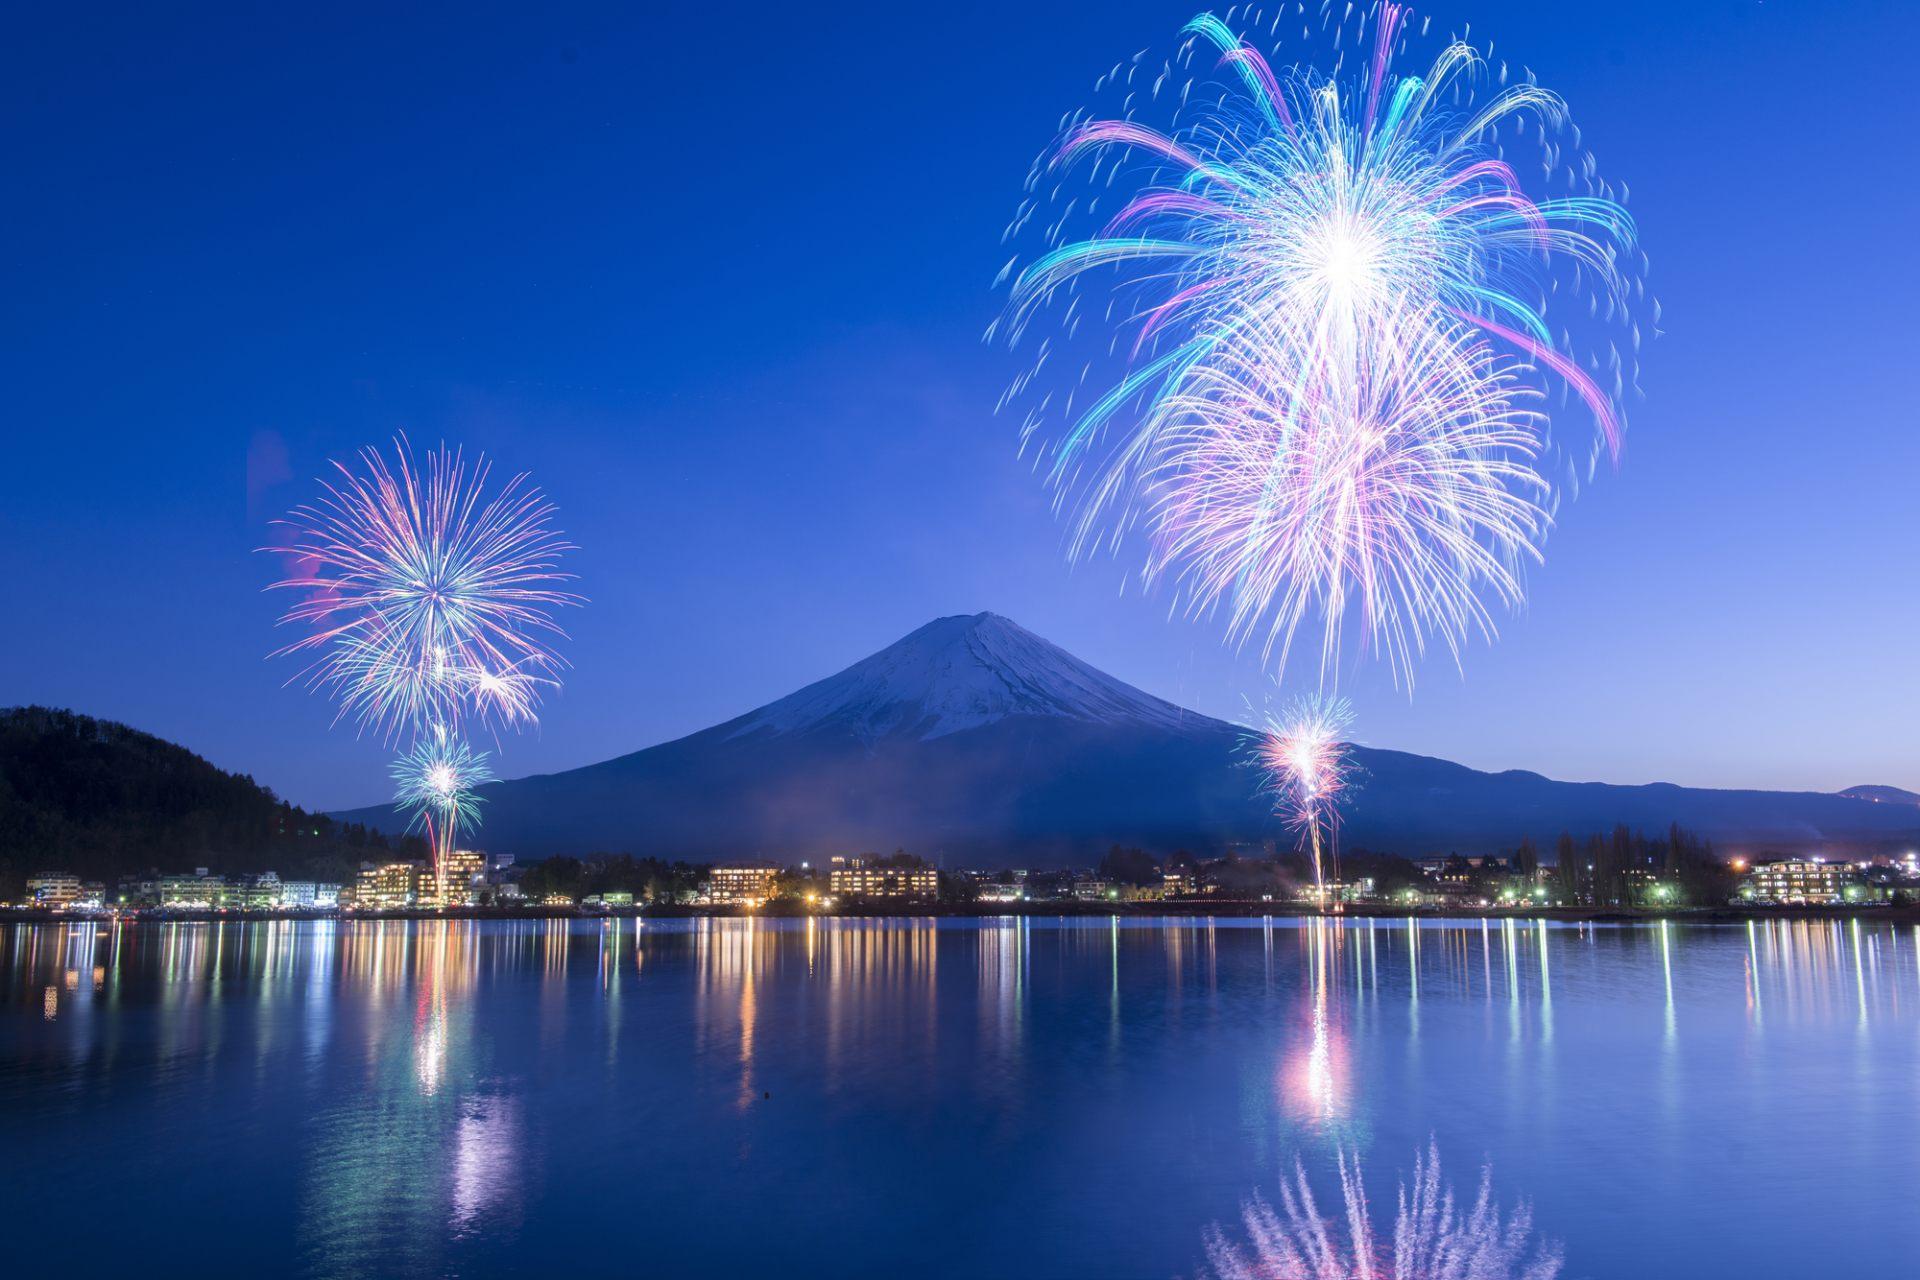 [會員限定] 211025「槓桿日本語」日本留學記!我的第一本校園日語會話書 - 第十回:在河邊施放線香花火